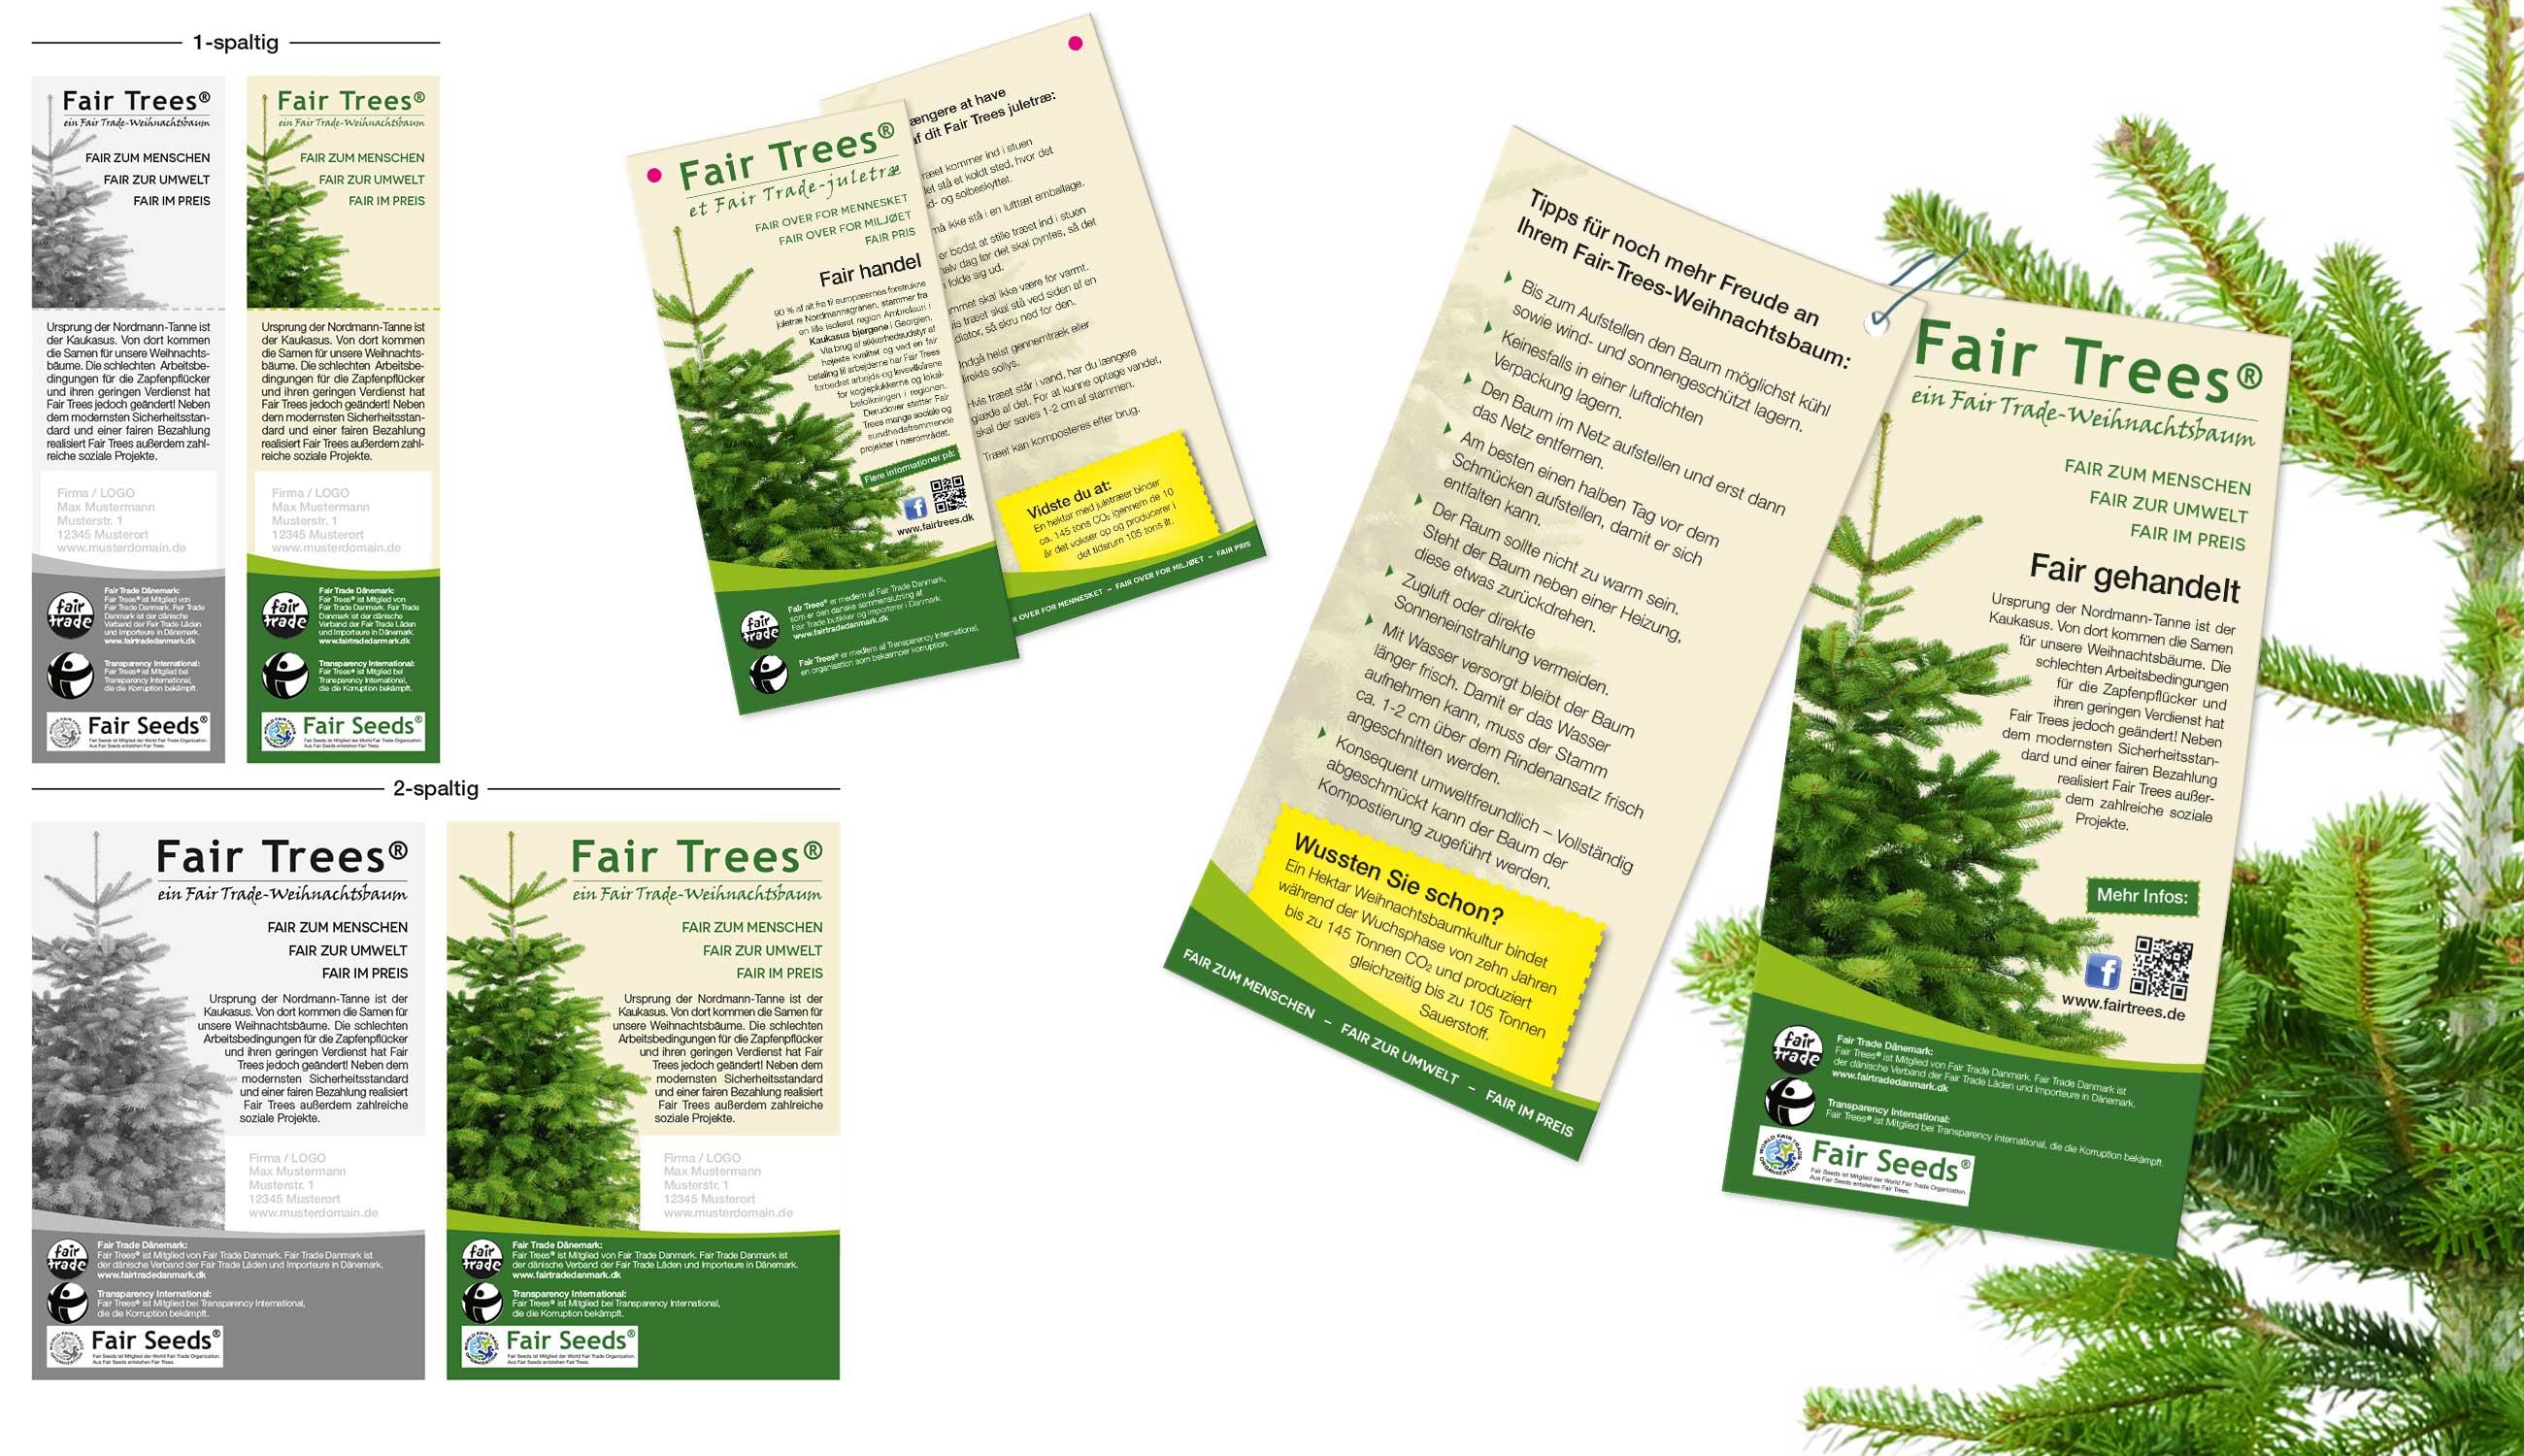 FairTrees Zubehoer